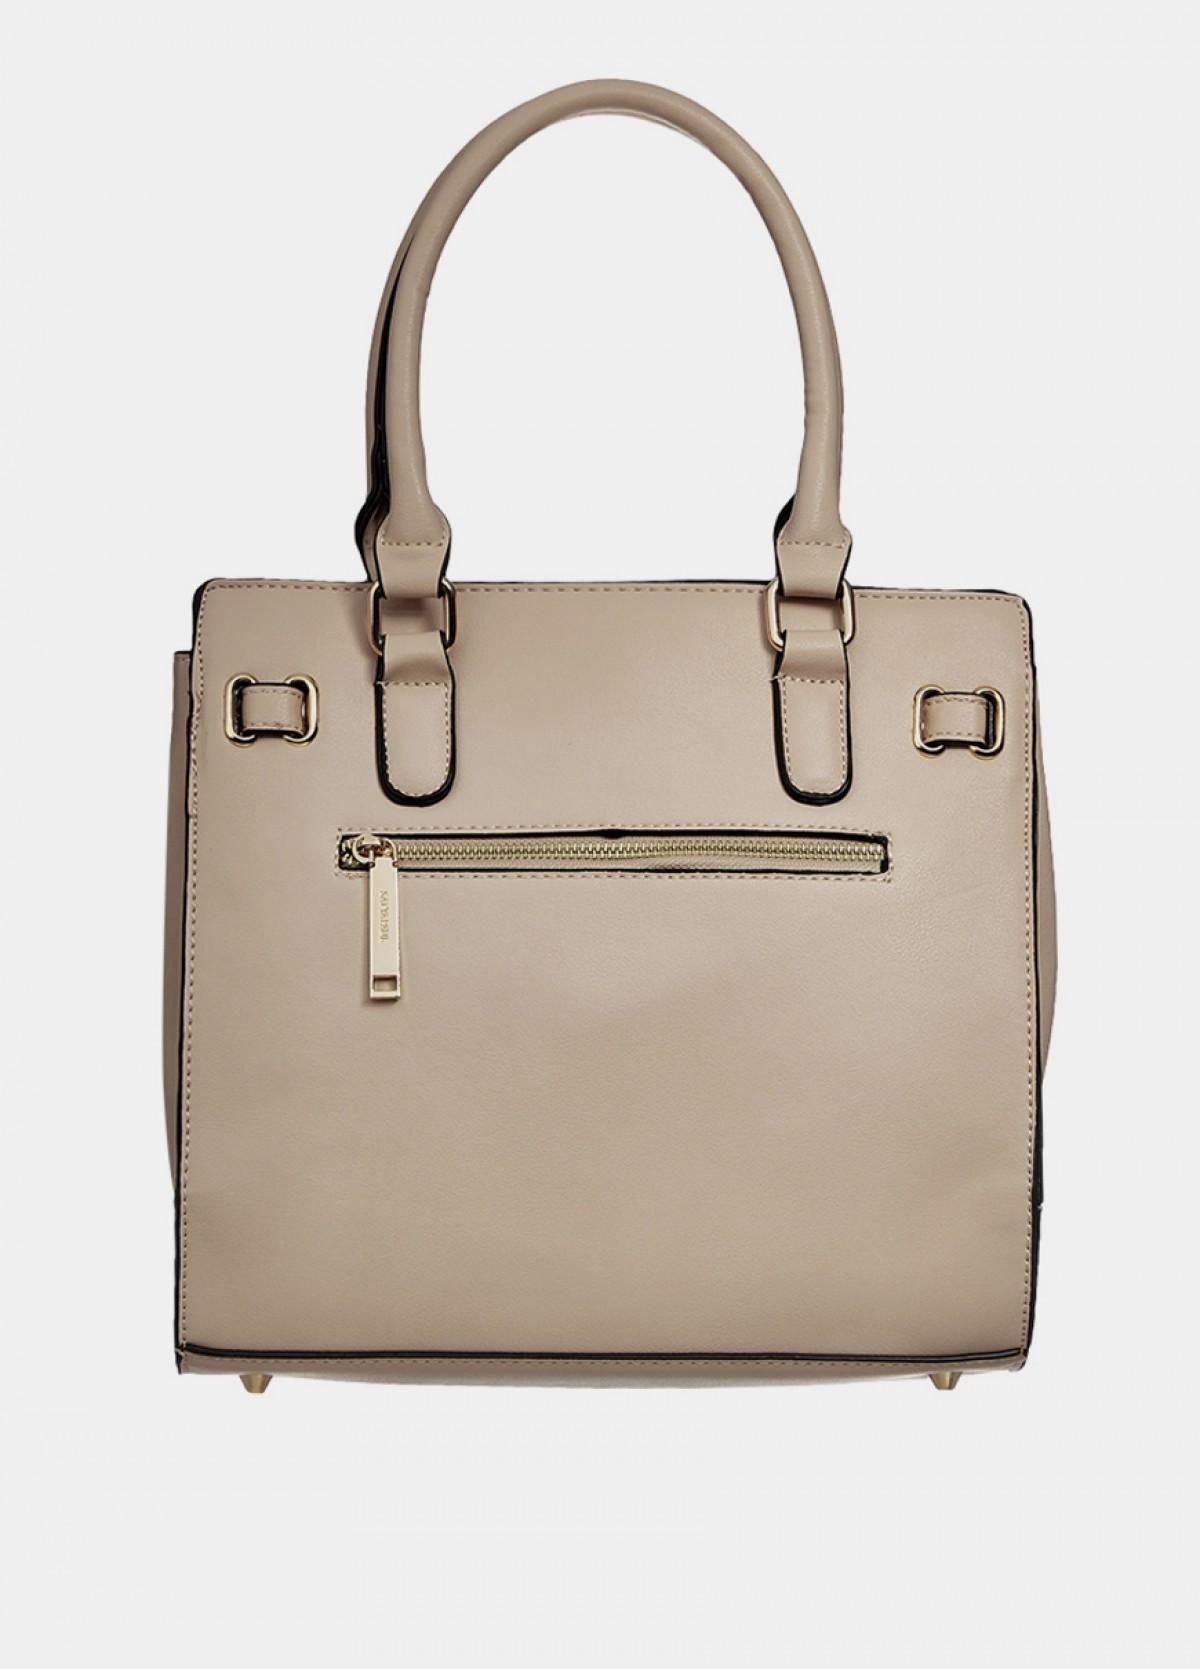 The Beige Handbag